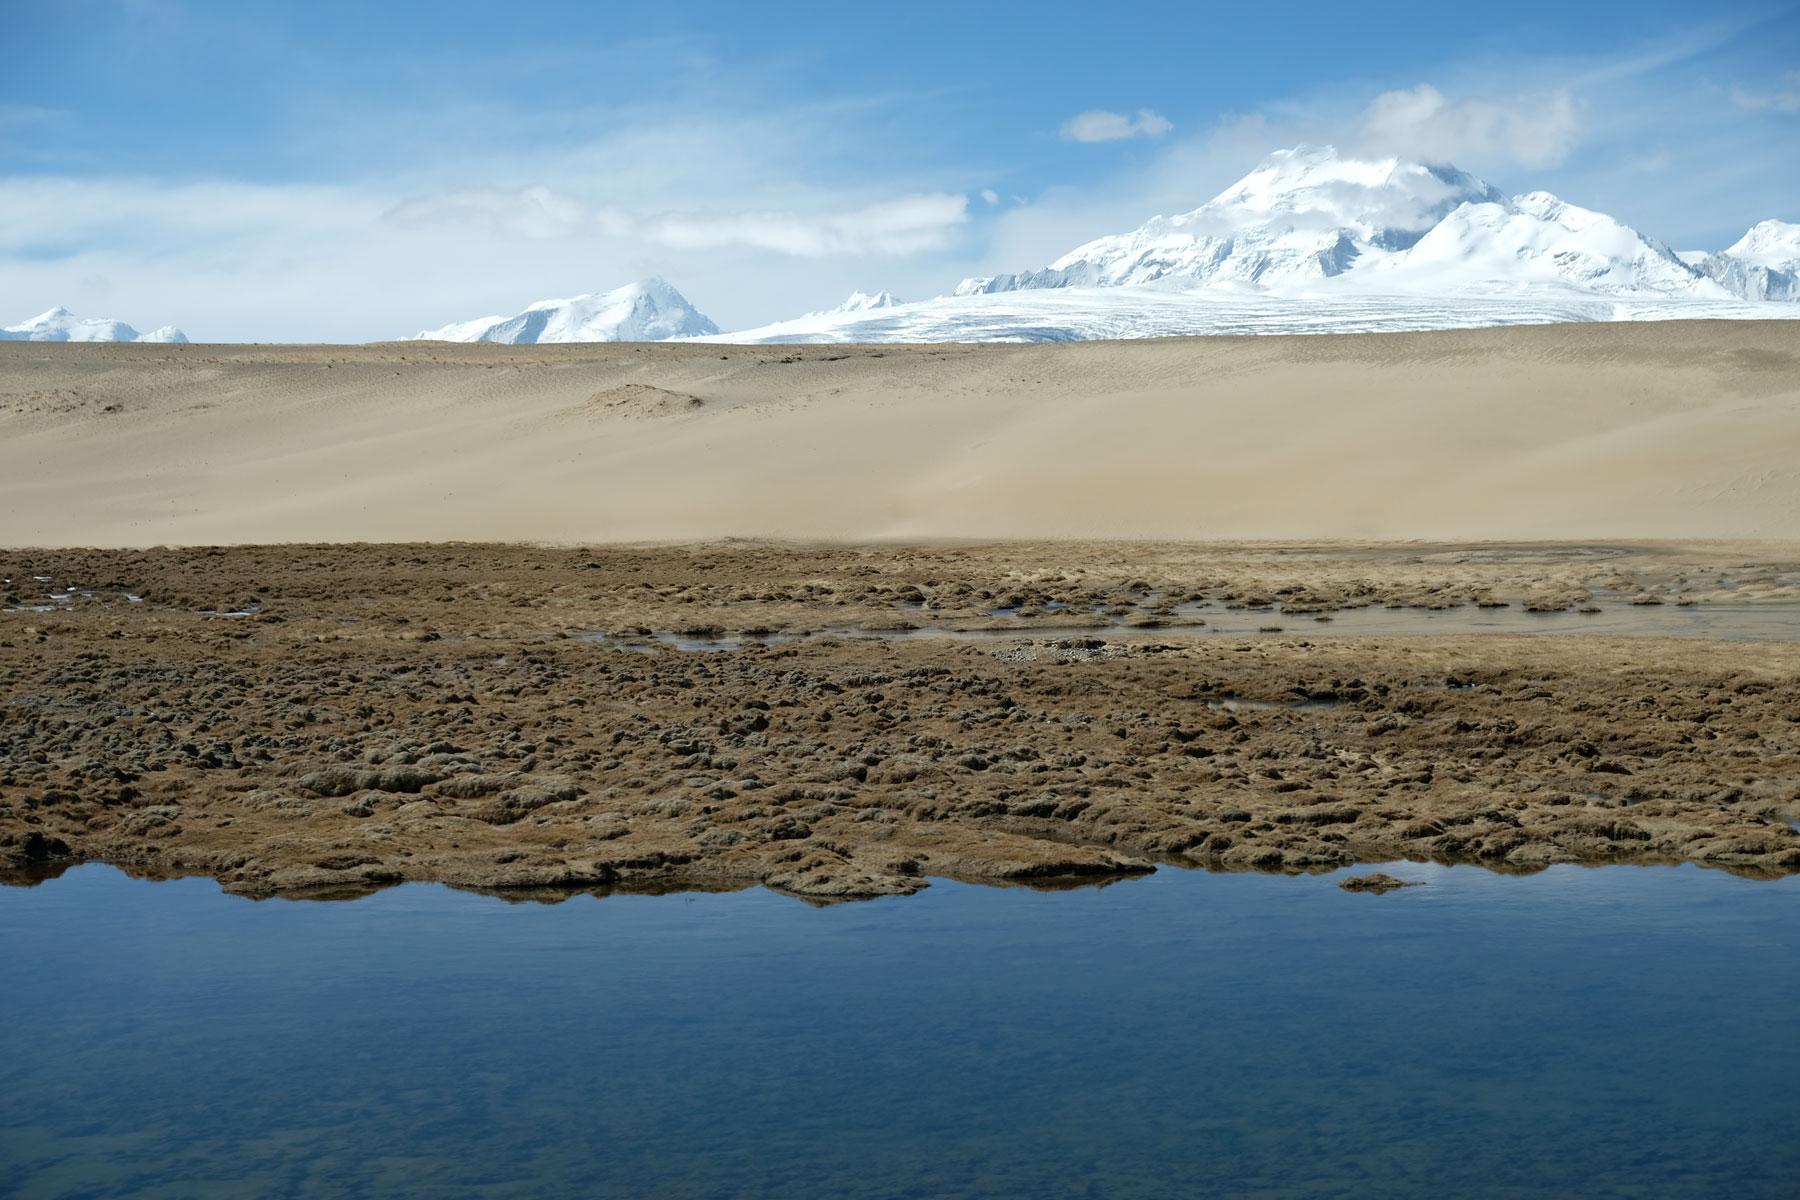 Ein kleiner See wird von Sanddünen abgelöst, die ihrerseits in Eisberge übergehen.